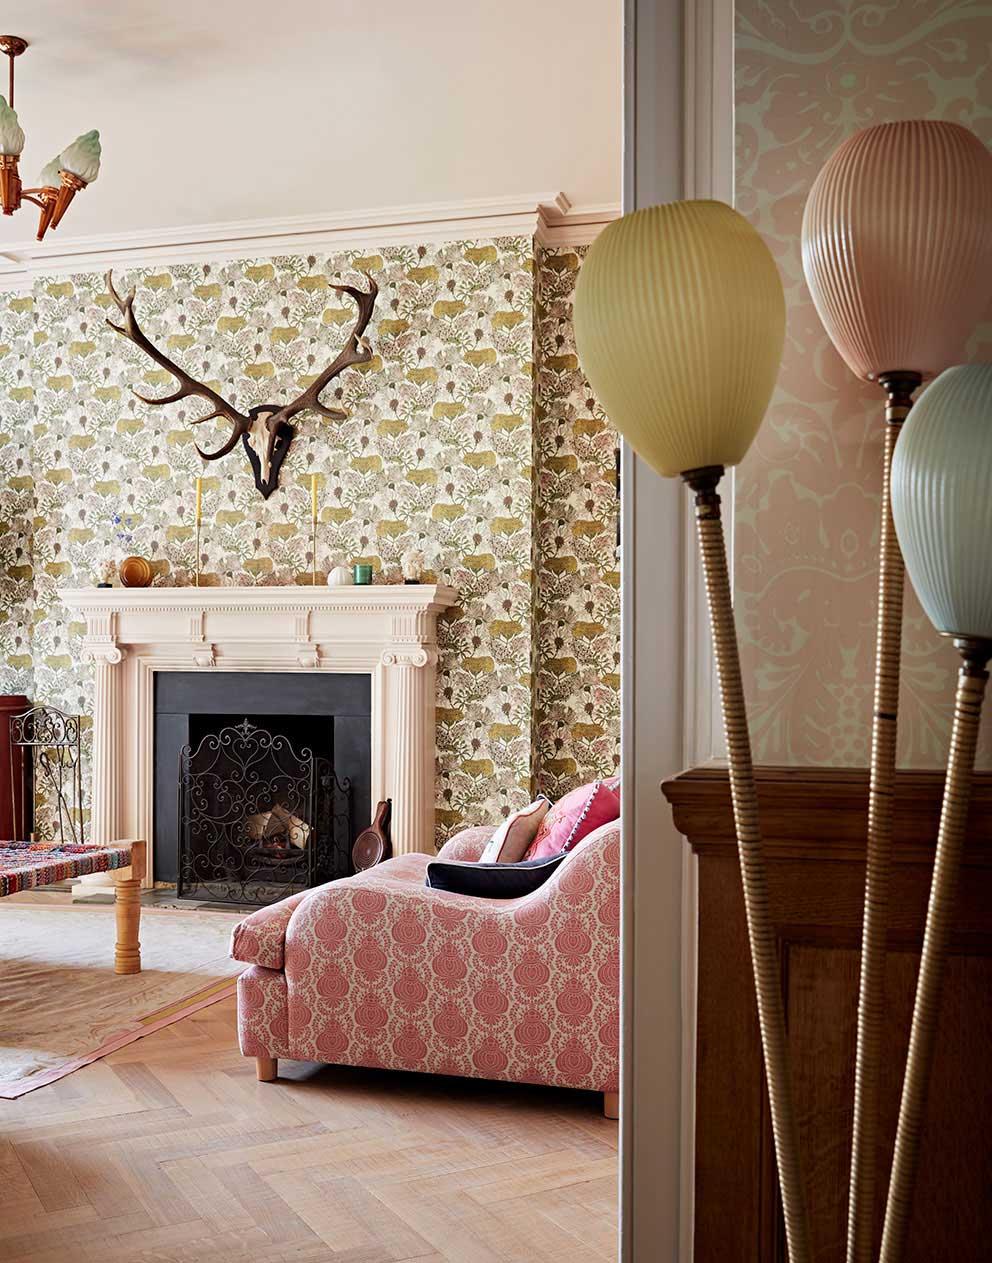 Уютный традиционный дом в Хэмпшире, наполненный жизнью и красками